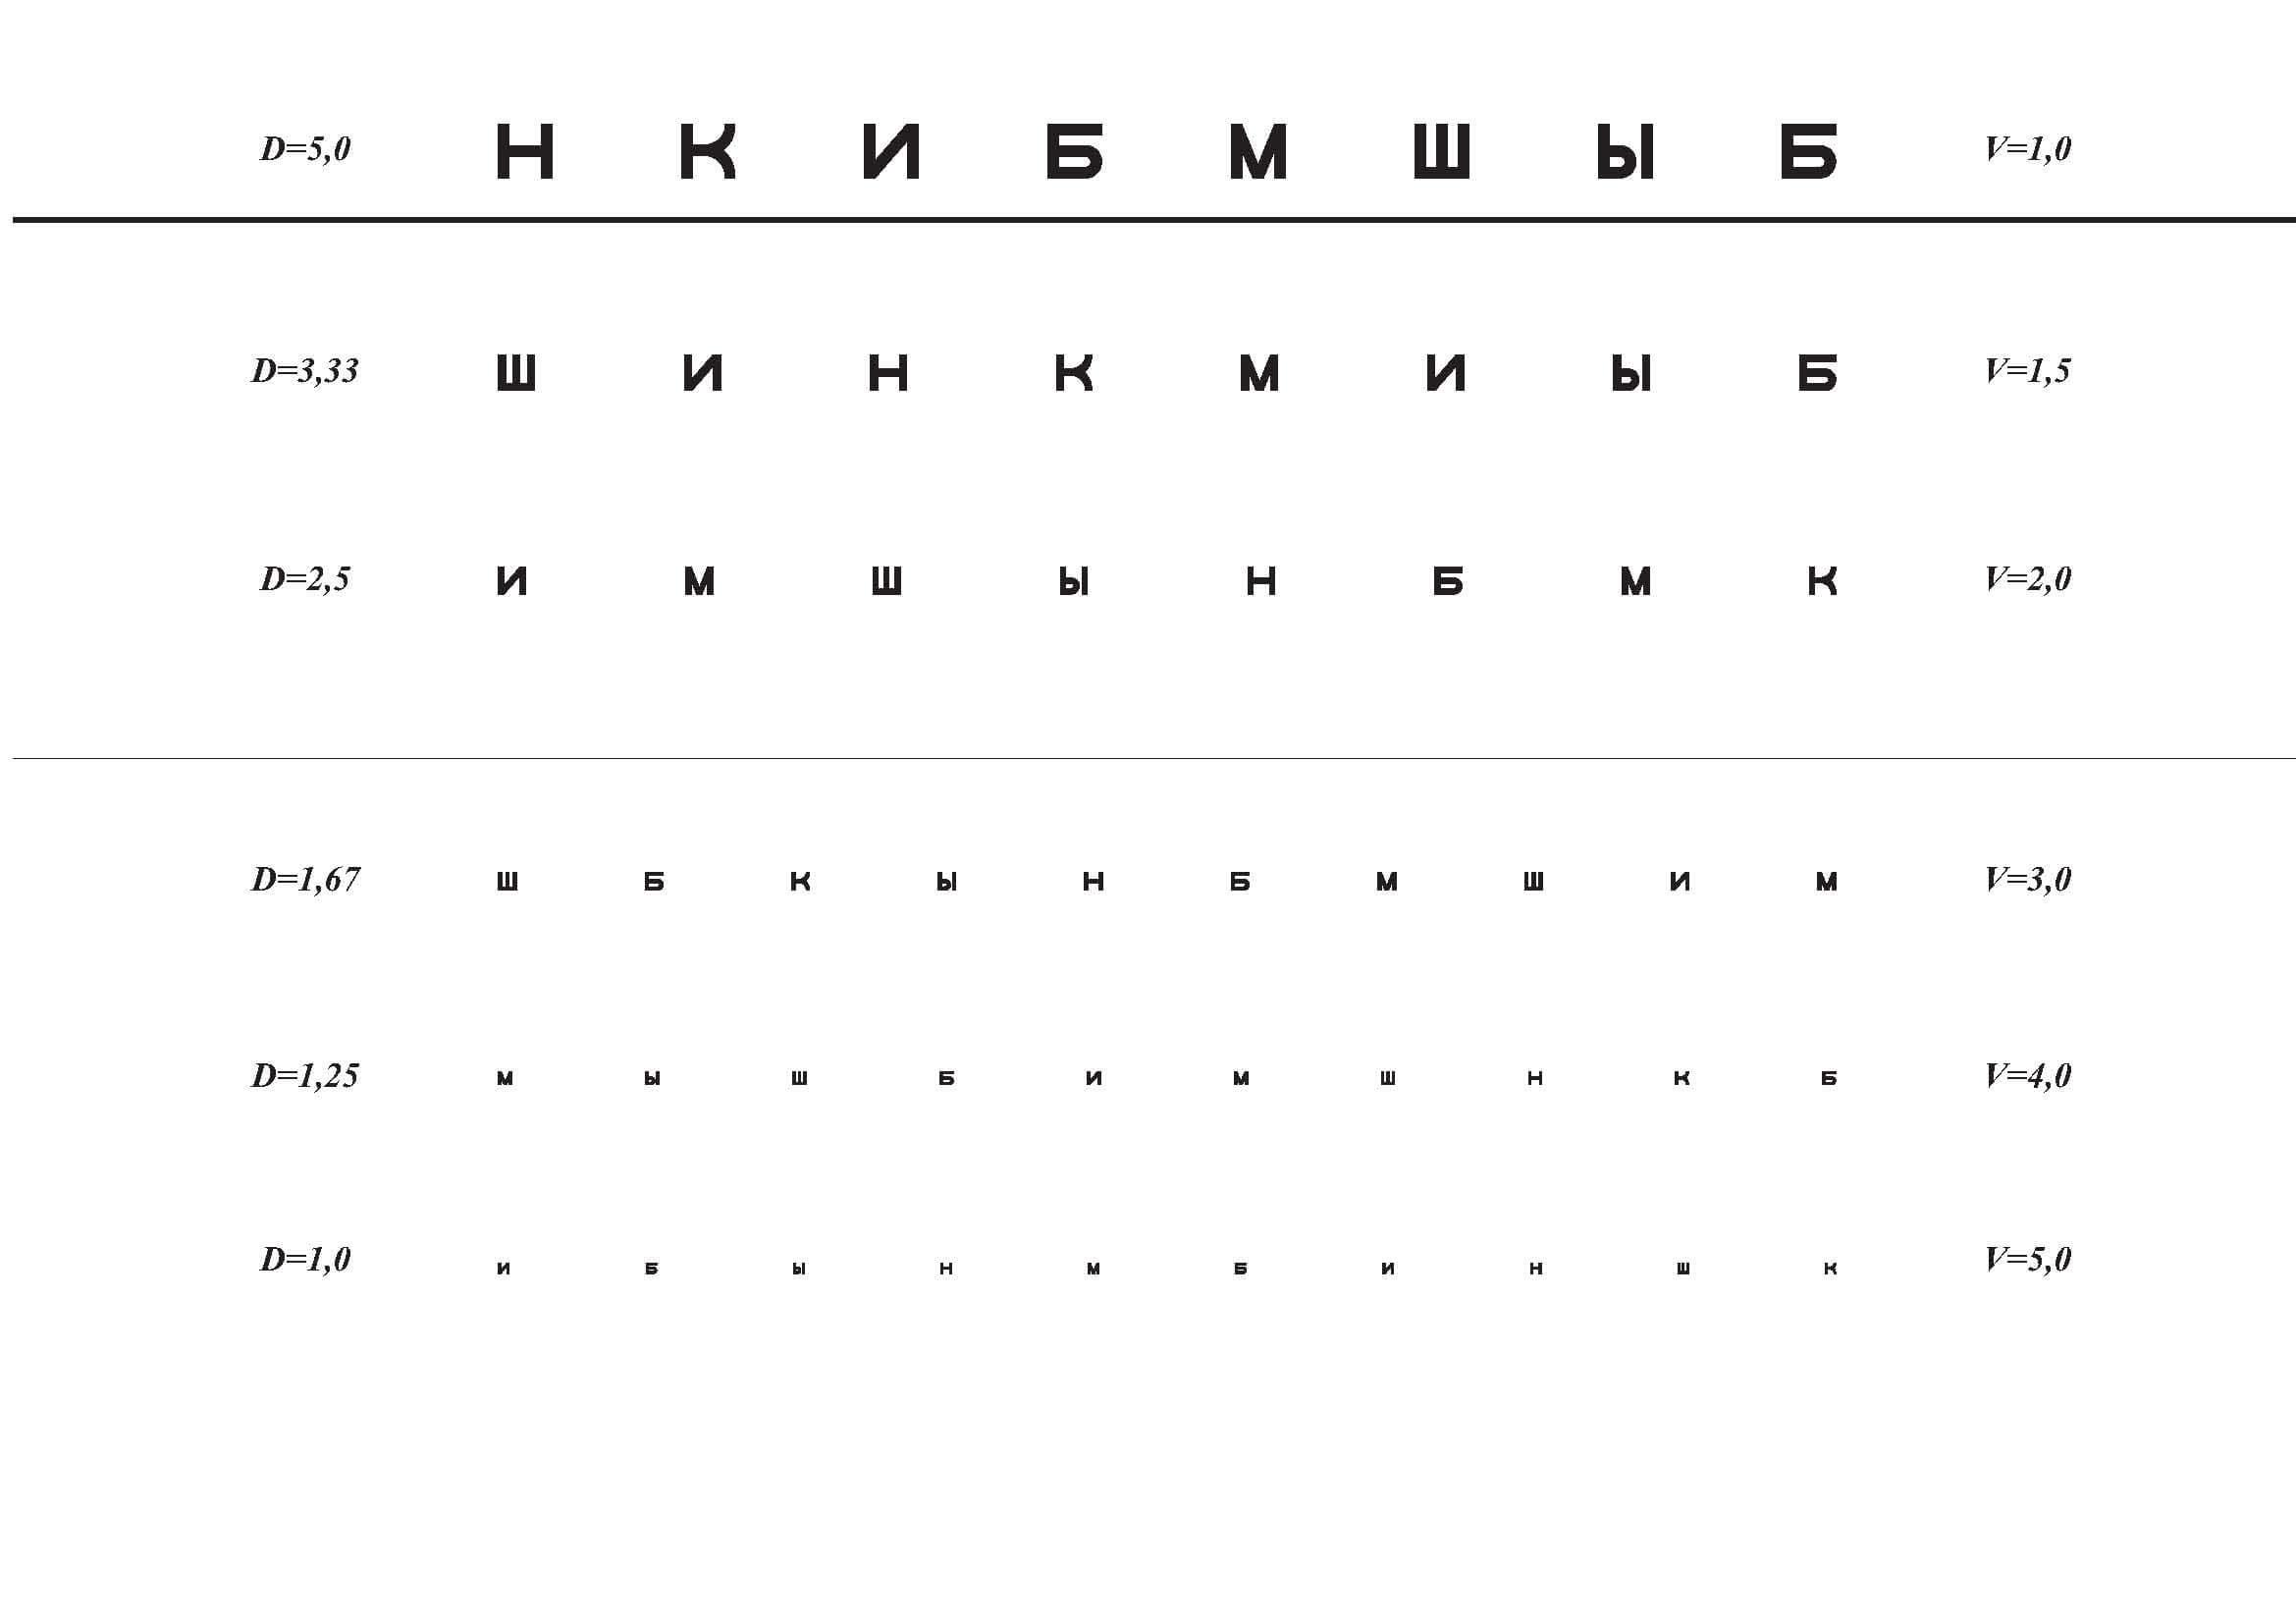 mutasson egy táblázatot a szemvizsgálathoz)